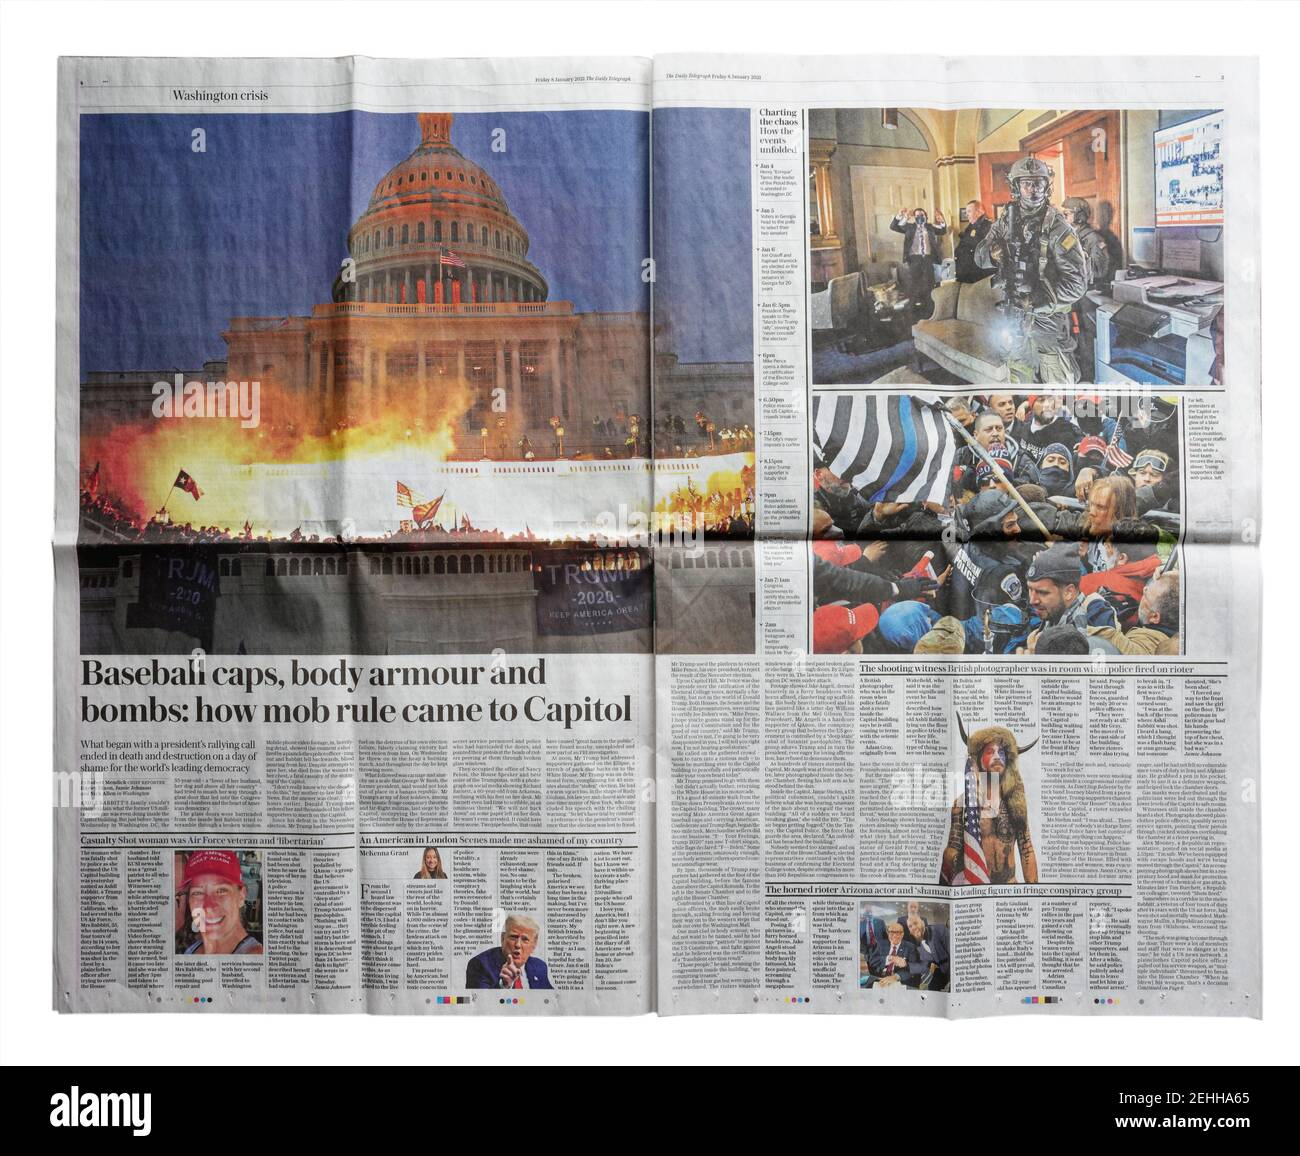 Eine Doppelseite der Tageszeitung Daily Telegraph Die Kapitolinvasion vom 6. Januar 2021 Stockfoto